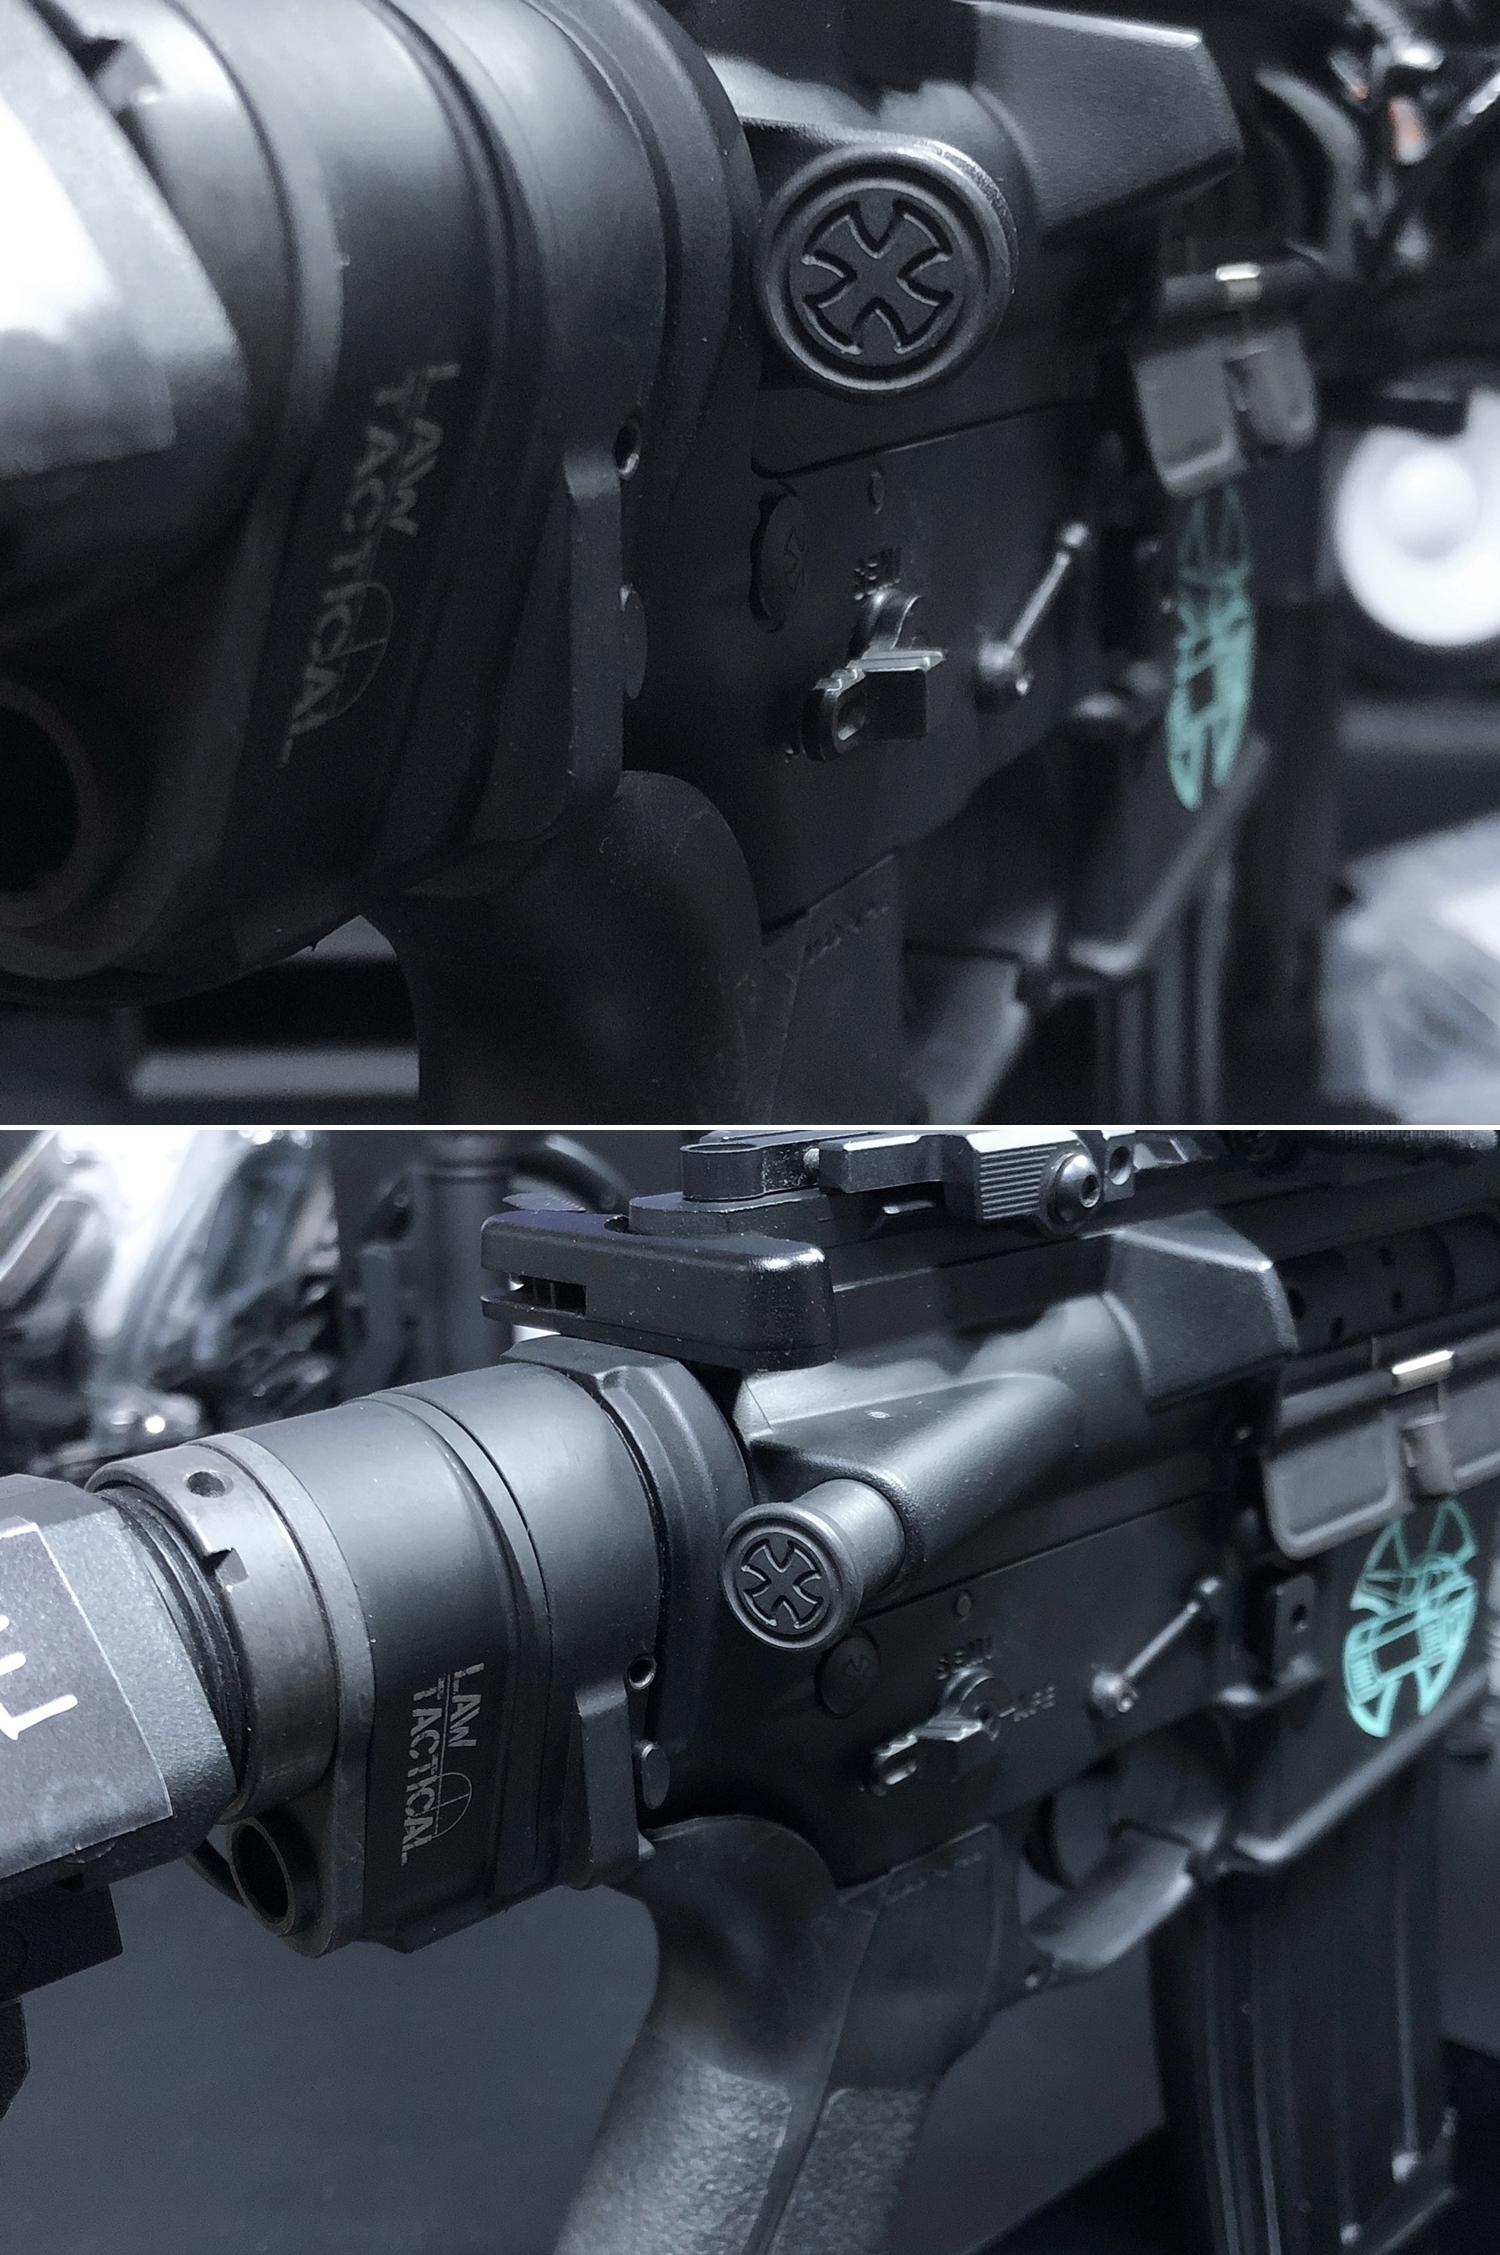 20 実物 NOVESKE MARKED FORWARD ASSIST KIT!! 次世代 AR-15 HILOG M4 N4 プチ DIY カスタム編!! フォワードアシストノブ フォアードアシスト!! 3D DIY 購入 加工 取付 交換 レビュー!!